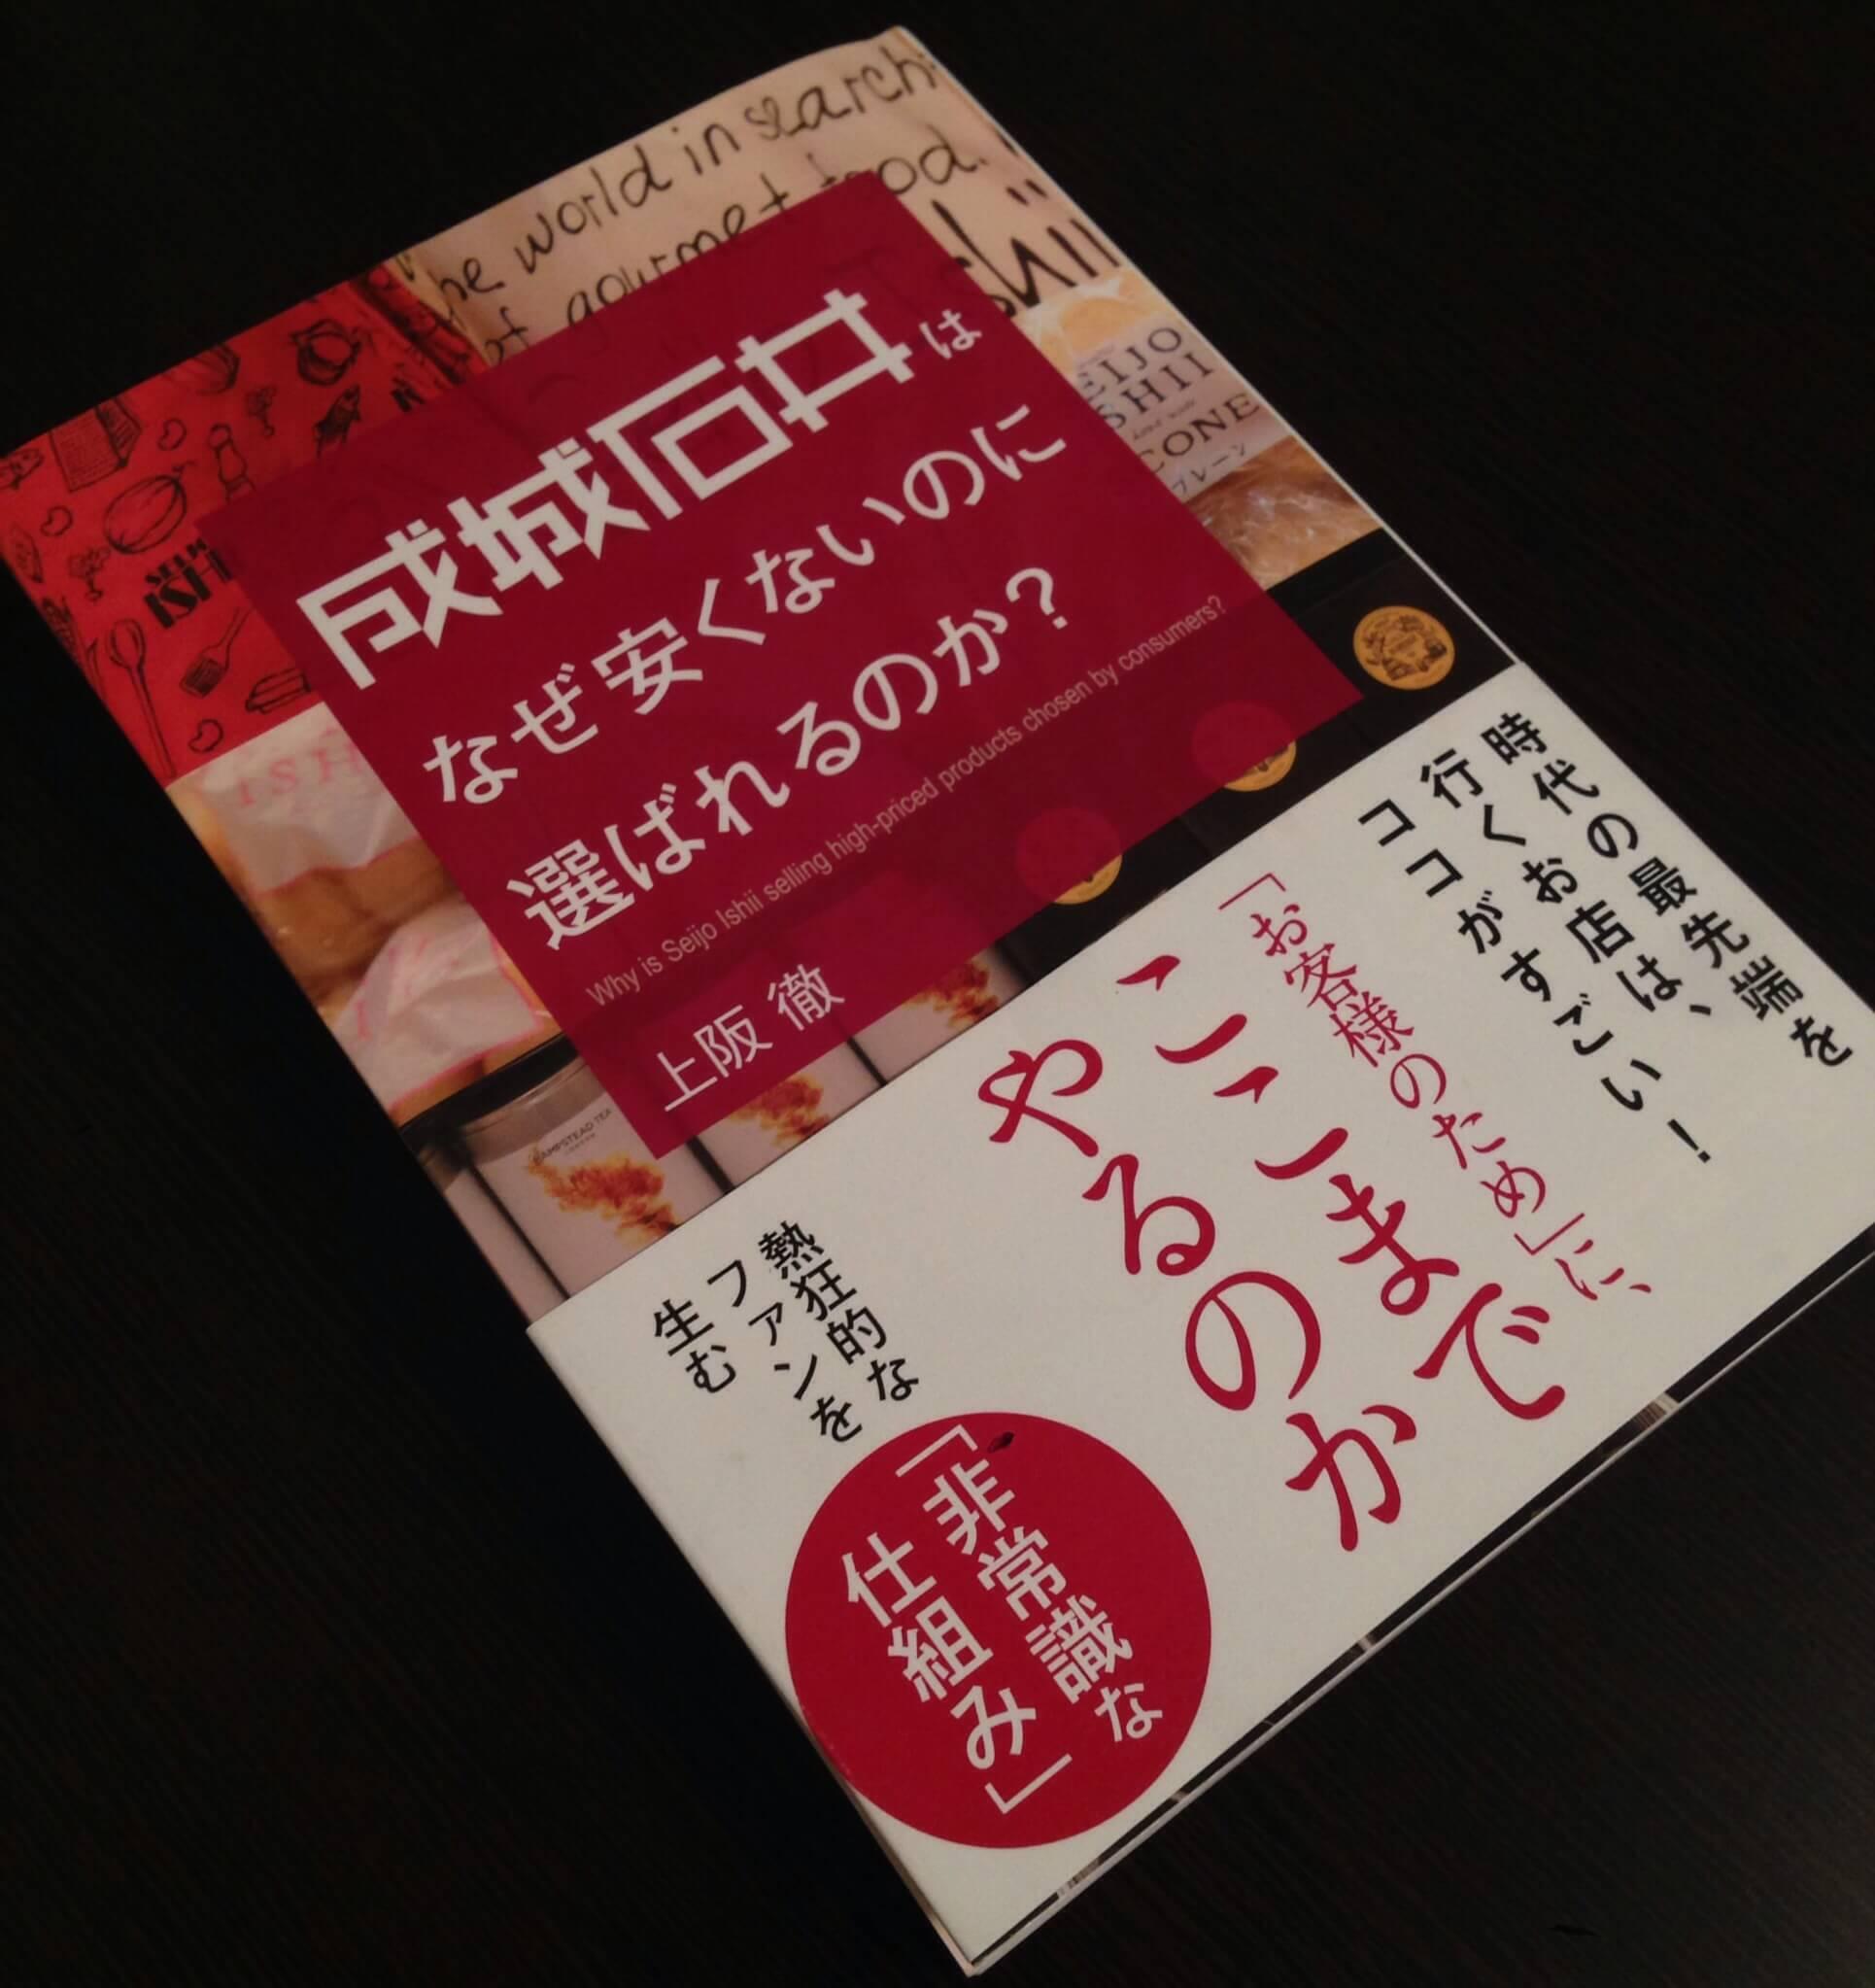 【読書録】成城石井はなぜ安くないのに選ばれるのか 上阪徹